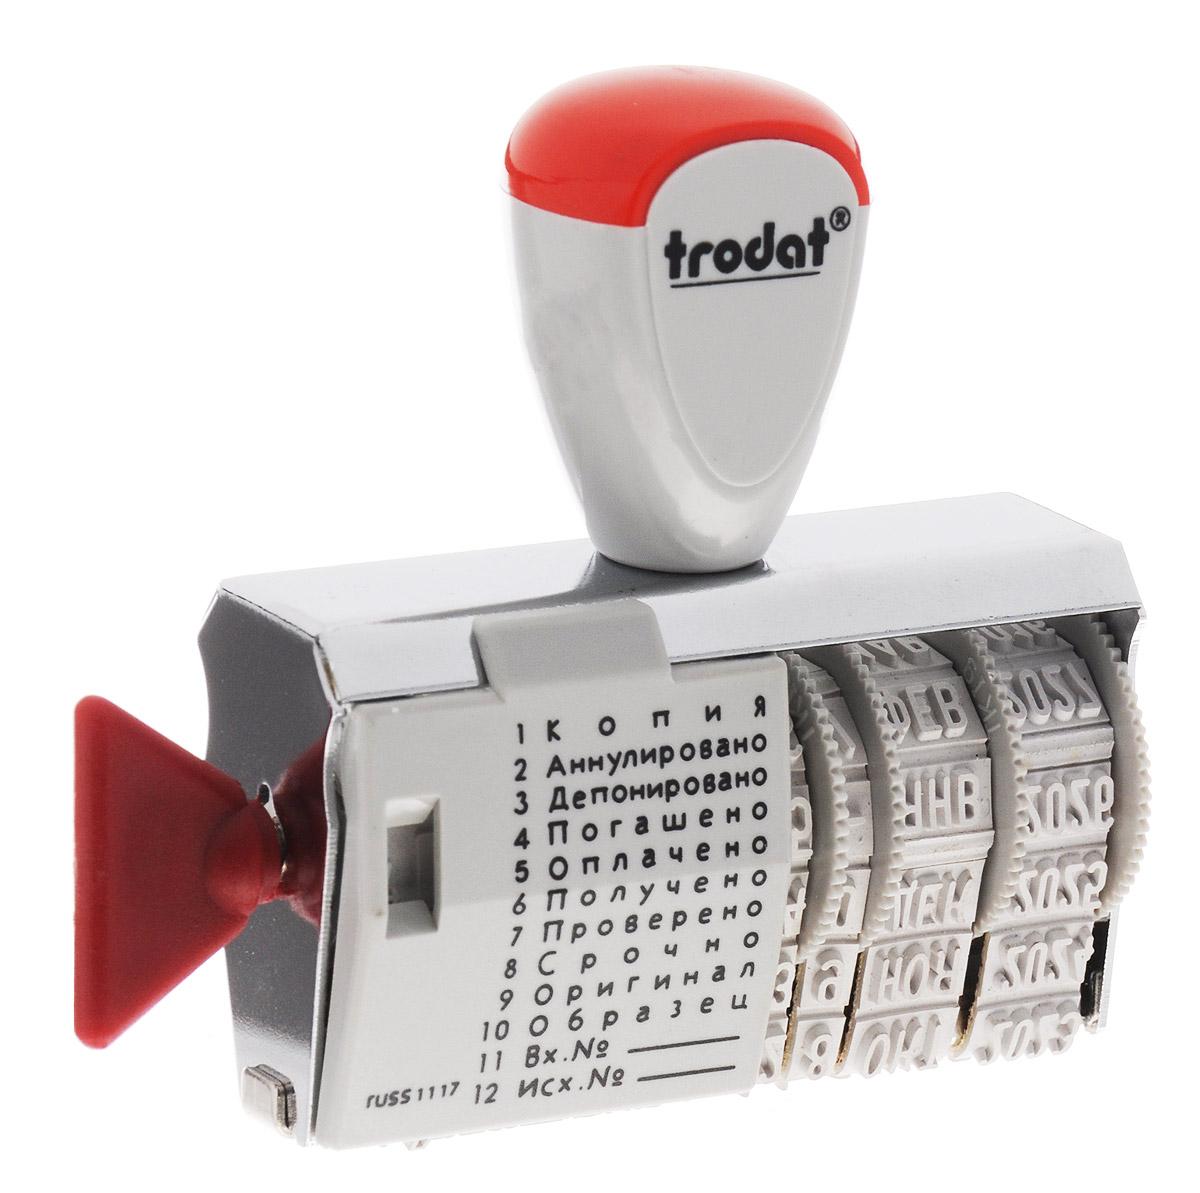 Trodat Датер ленточный 12 бухгалтерских терминовFS-00897Ленточный однострочный датер Trodat имеет удобную рукоятку и металлический корпус.Для получения оттиска предварительно окрашивается при помощи настольной штемпельной подушки. Дата устанавливается при помощи колесиков. Месяц указывается прописью. Содержит 12 бухгалтерских терминов: копия, аннулировано, депонировано, погашено, оплачено, получено, проверено, срочно, оригинал, образец, входящий номер, исходящий номер. Устанавливаются вручную при помощи поворотного ключика. Язык - русский.